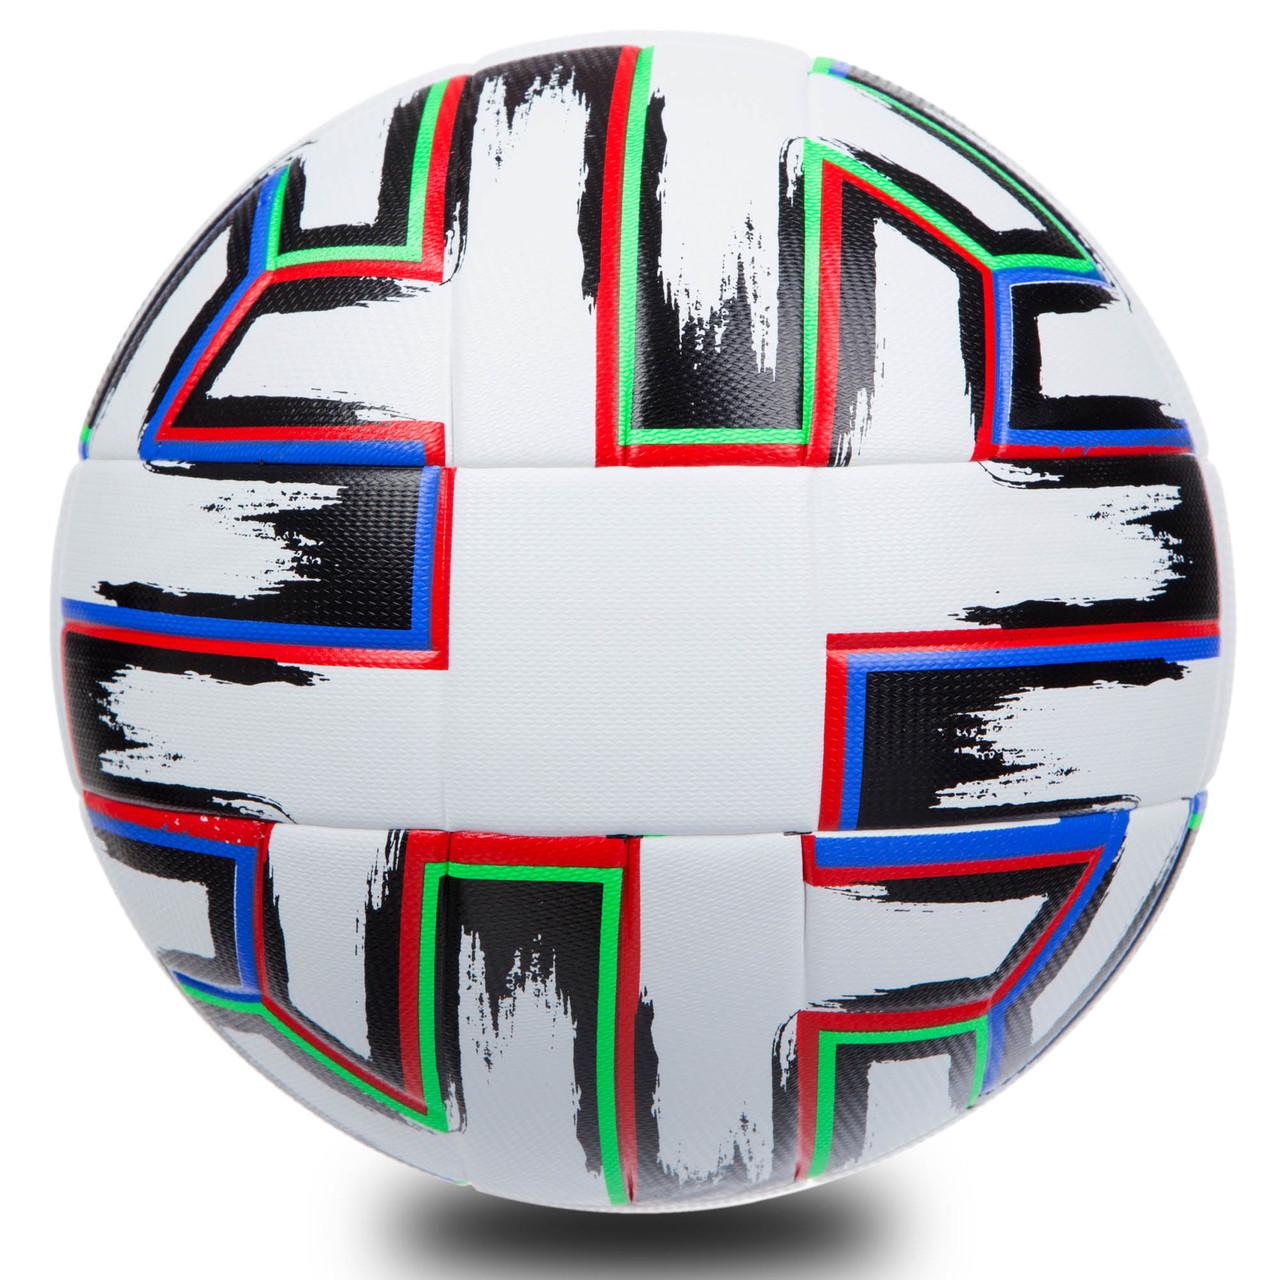 М'яч для футболу 5 розмір PU ламін. Клеєний EURO CUP 2020 FU1549